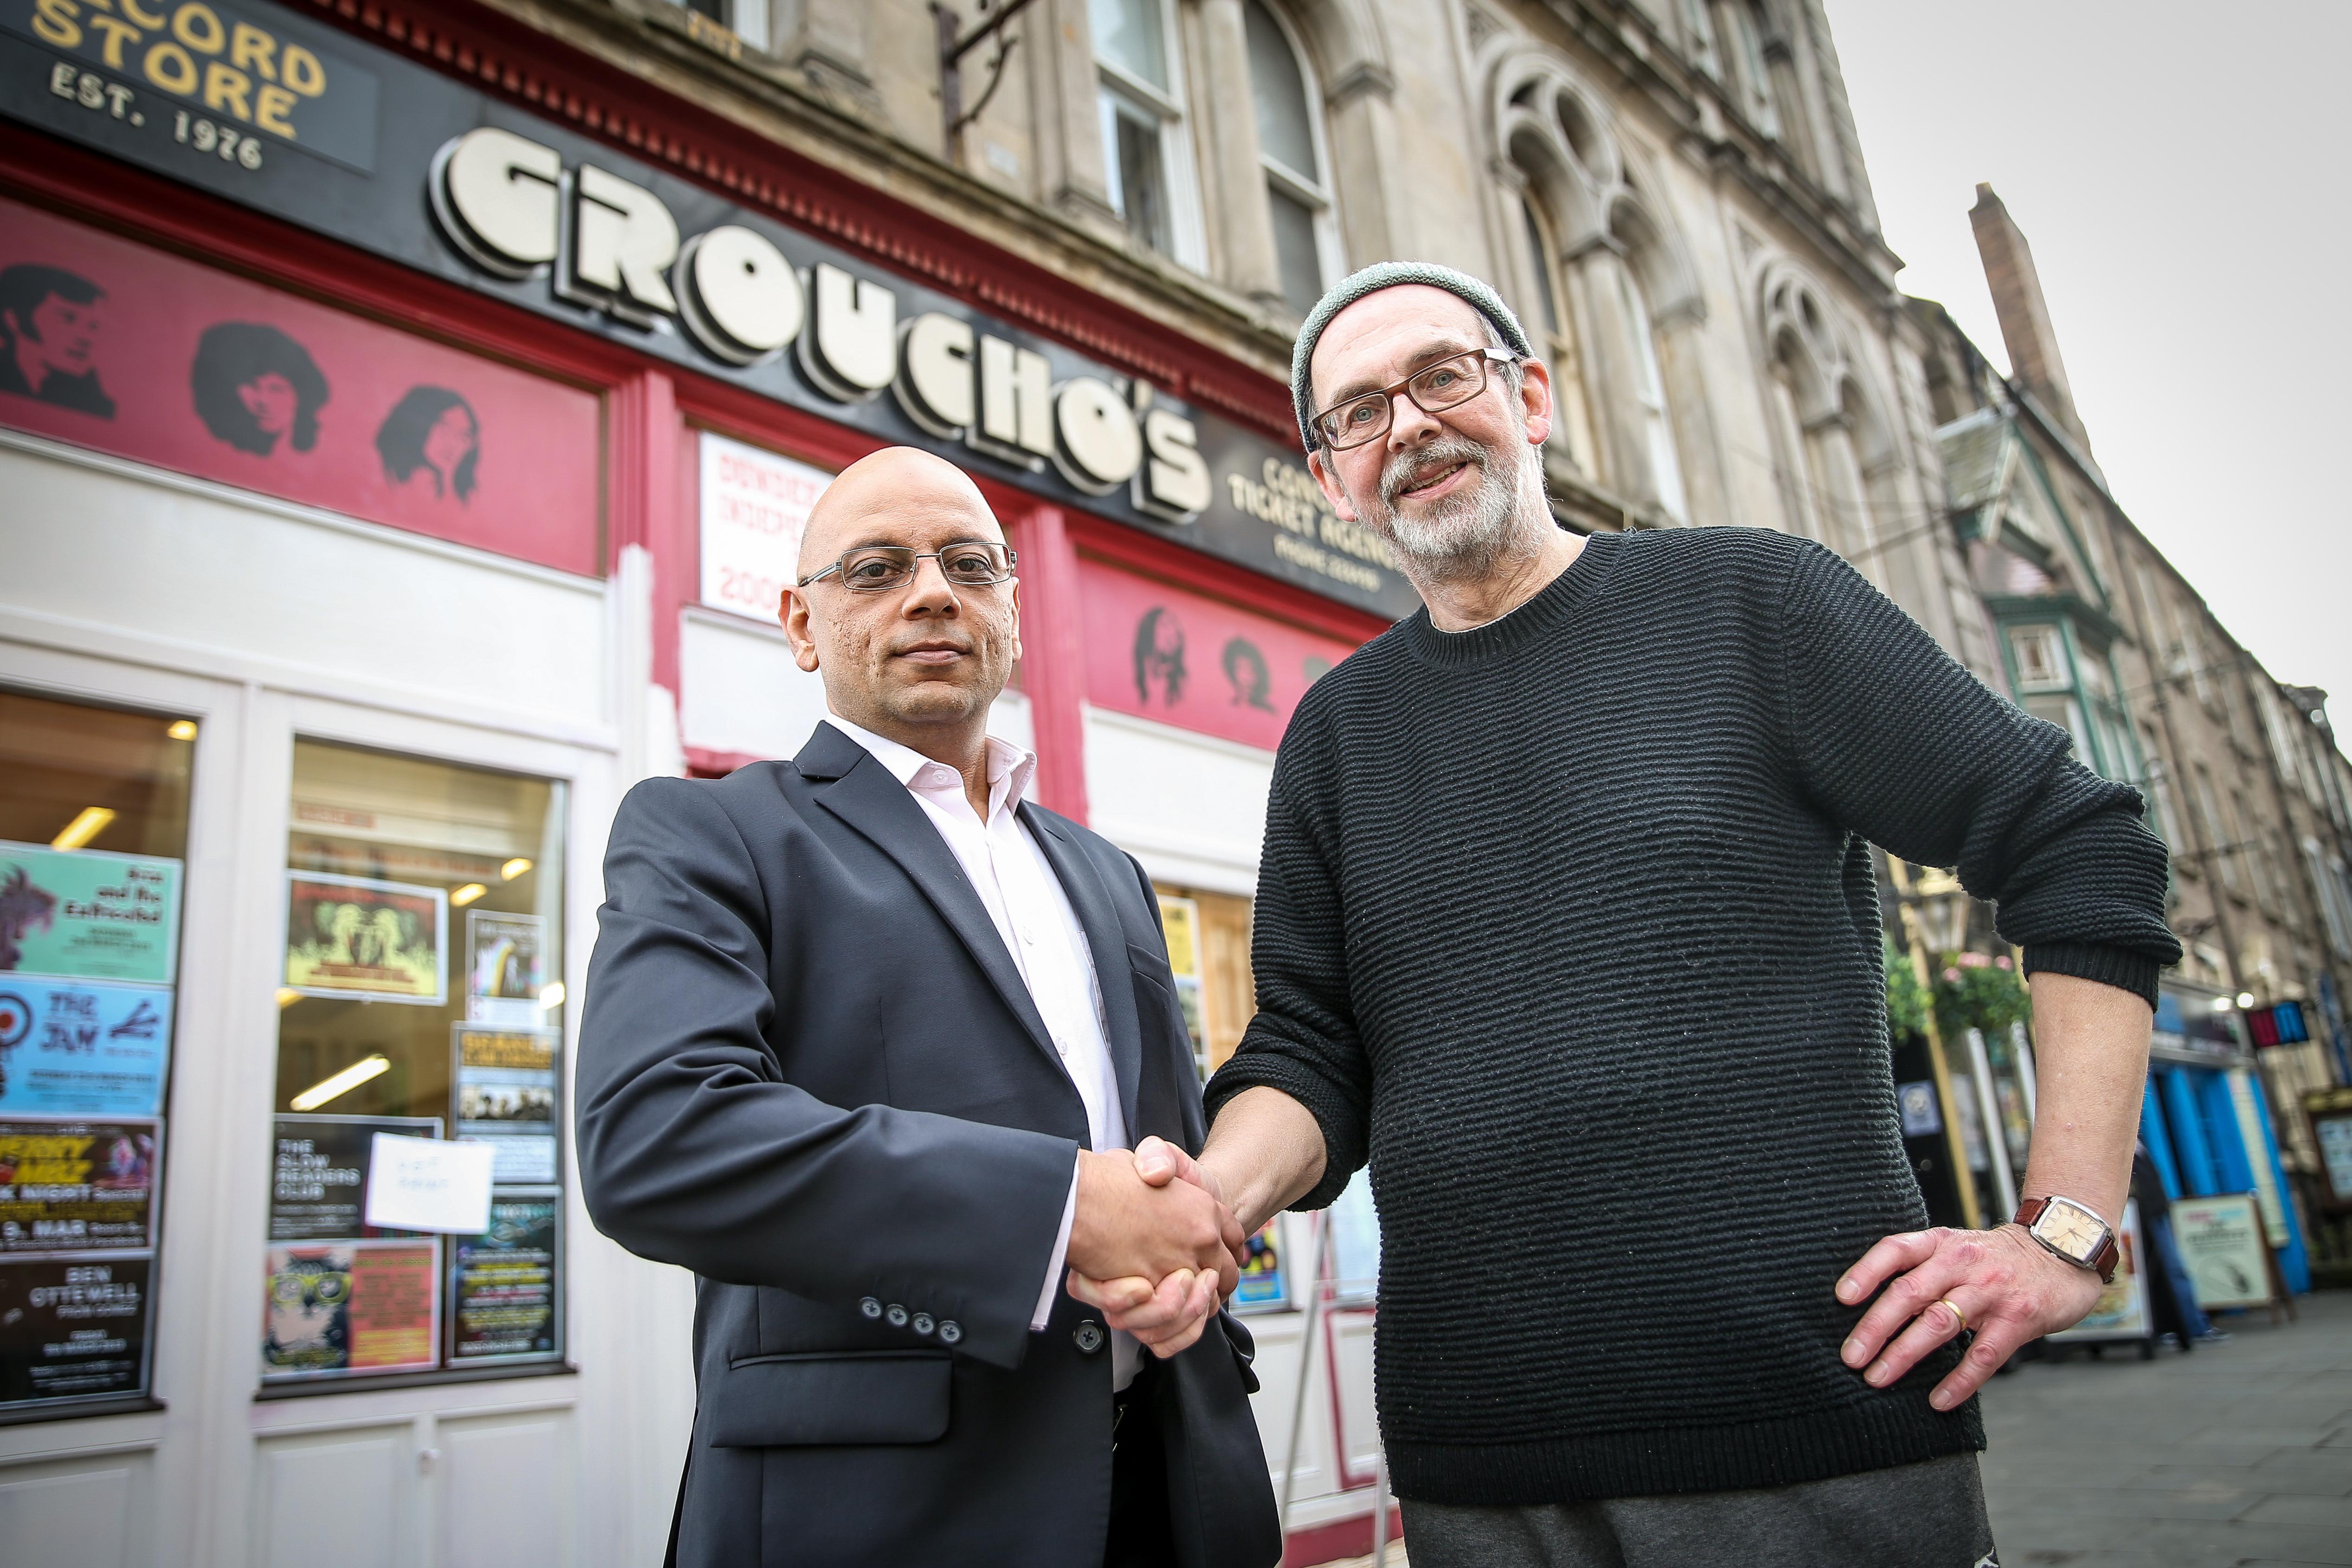 Shop owner Alastair 'Breeks' Brodie and landlord Shaheed Jamal.